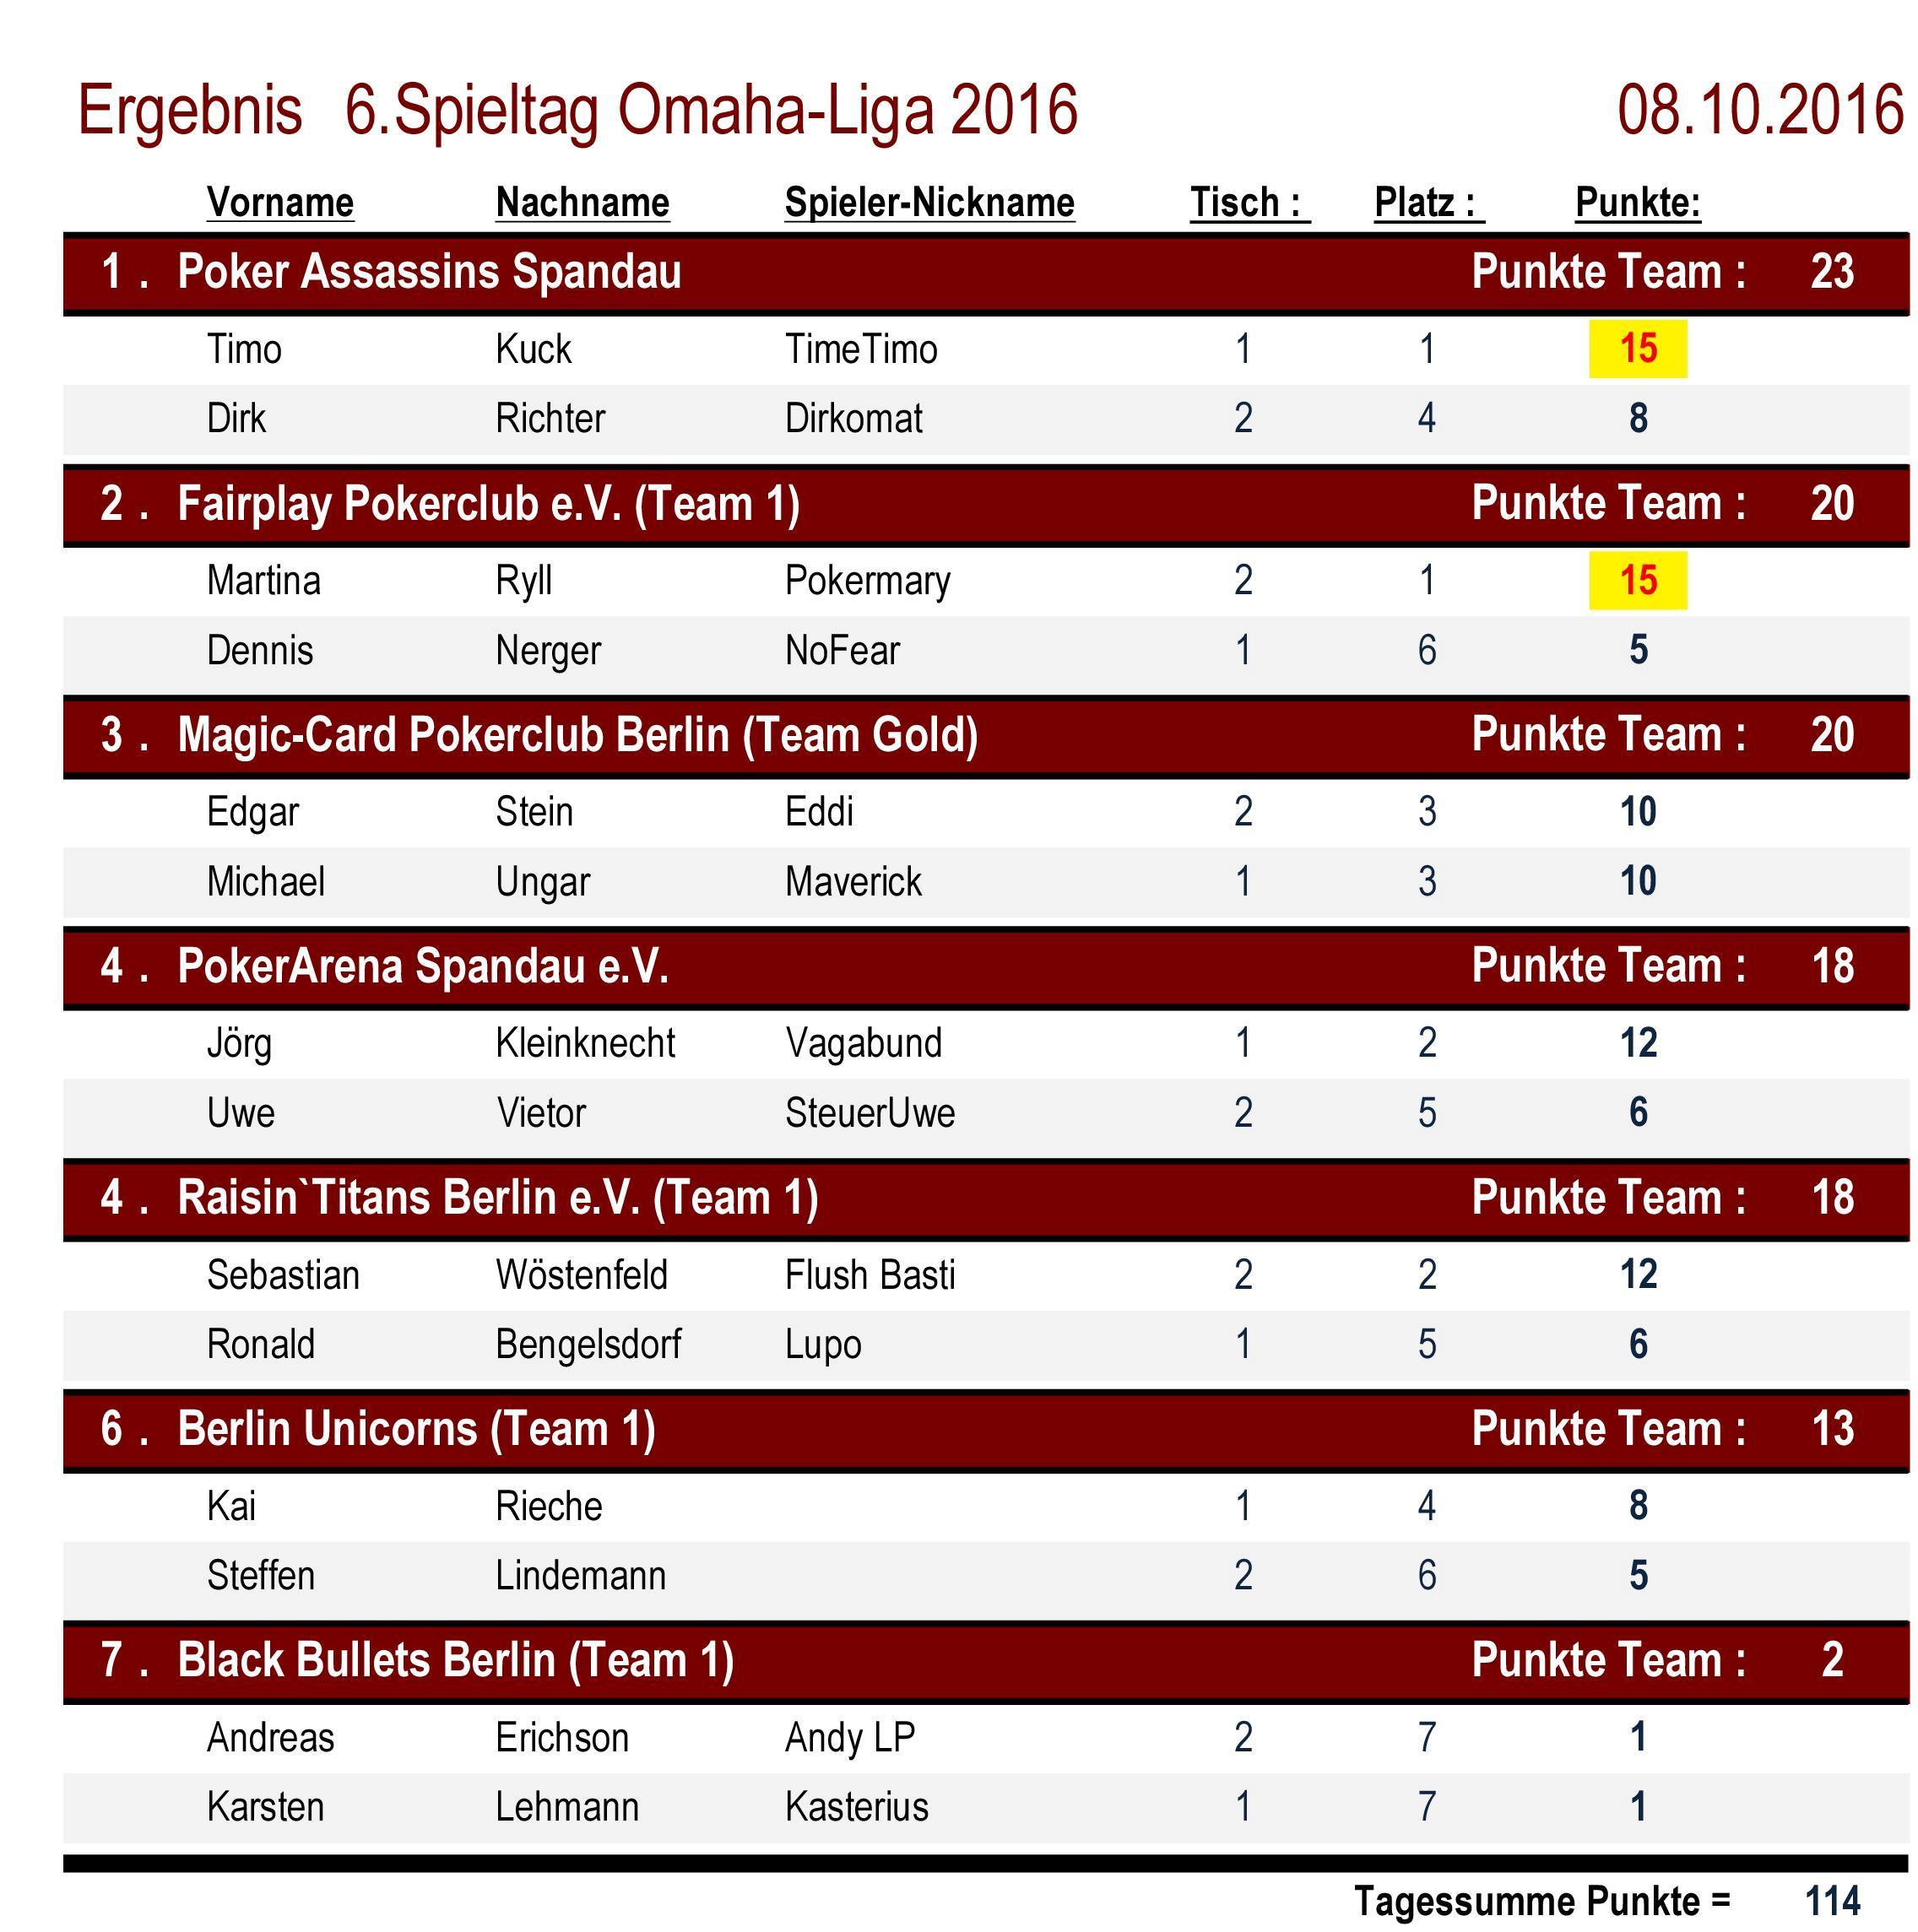 Platzierungen 6.Spieltag OMAHA-Liga 2016